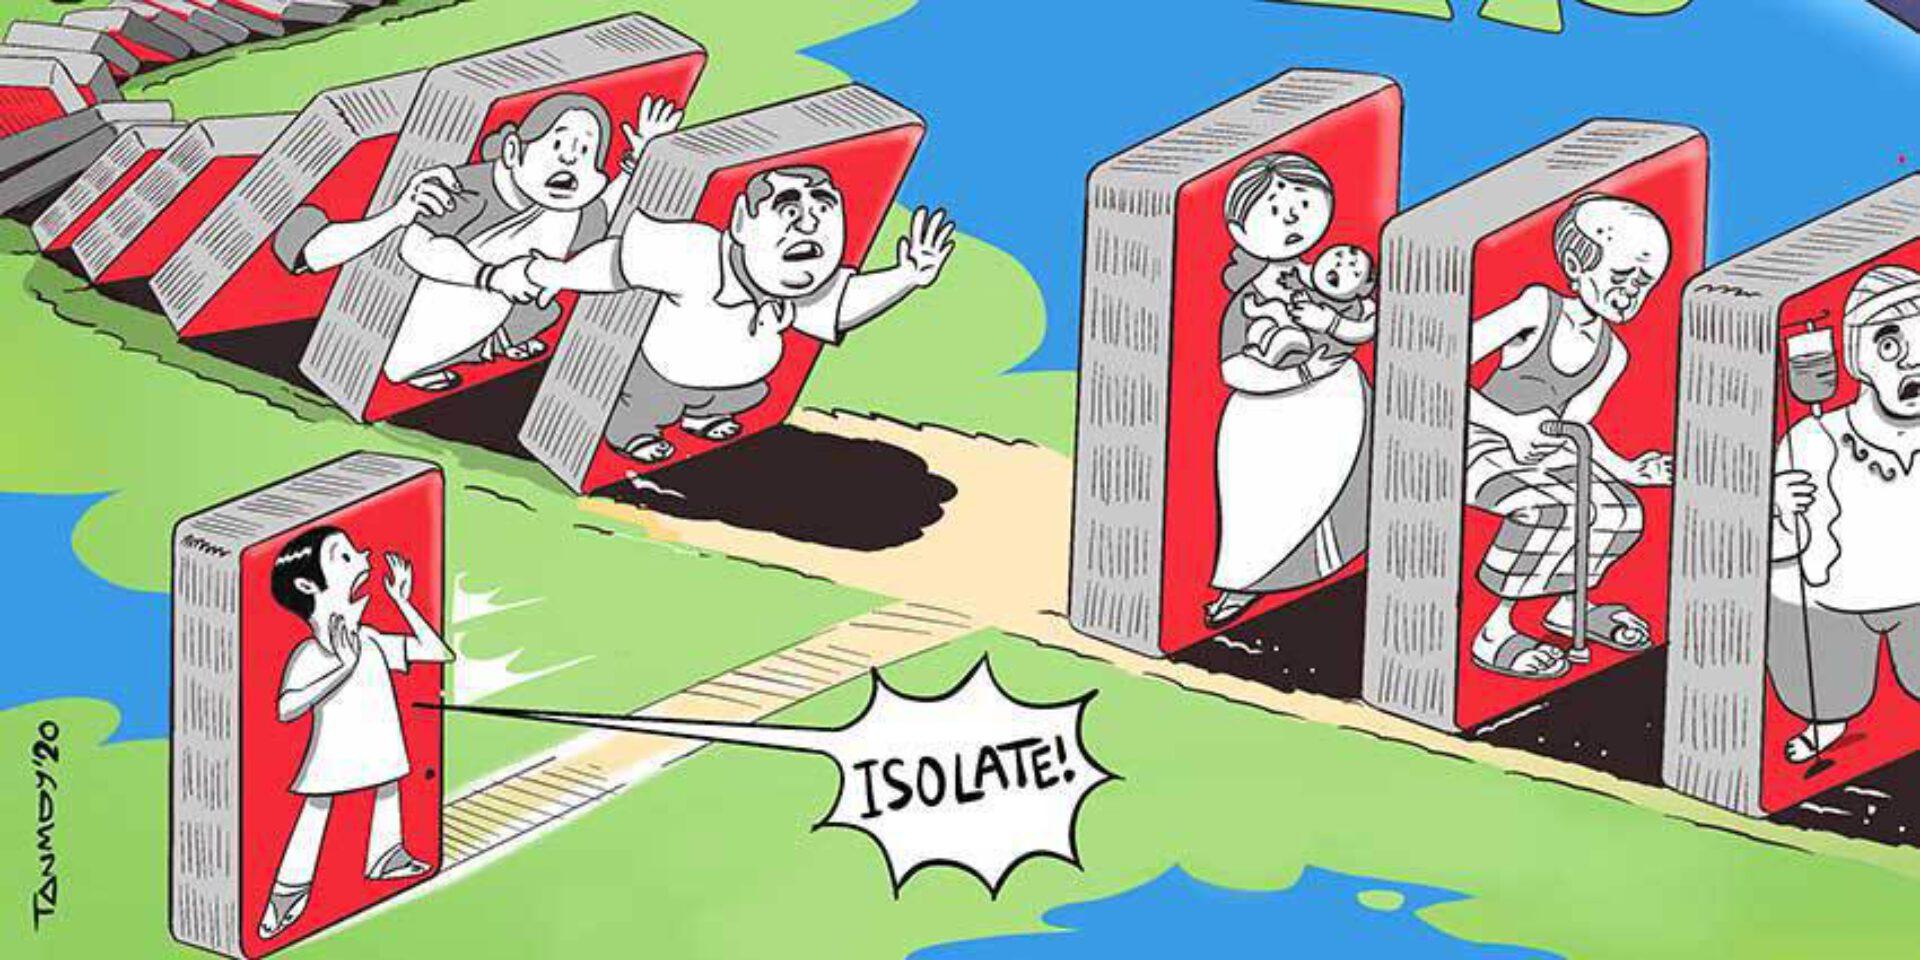 OPINIE / In deze crisis moeten politici beslissen, op principiële eerder dan rationele gronden